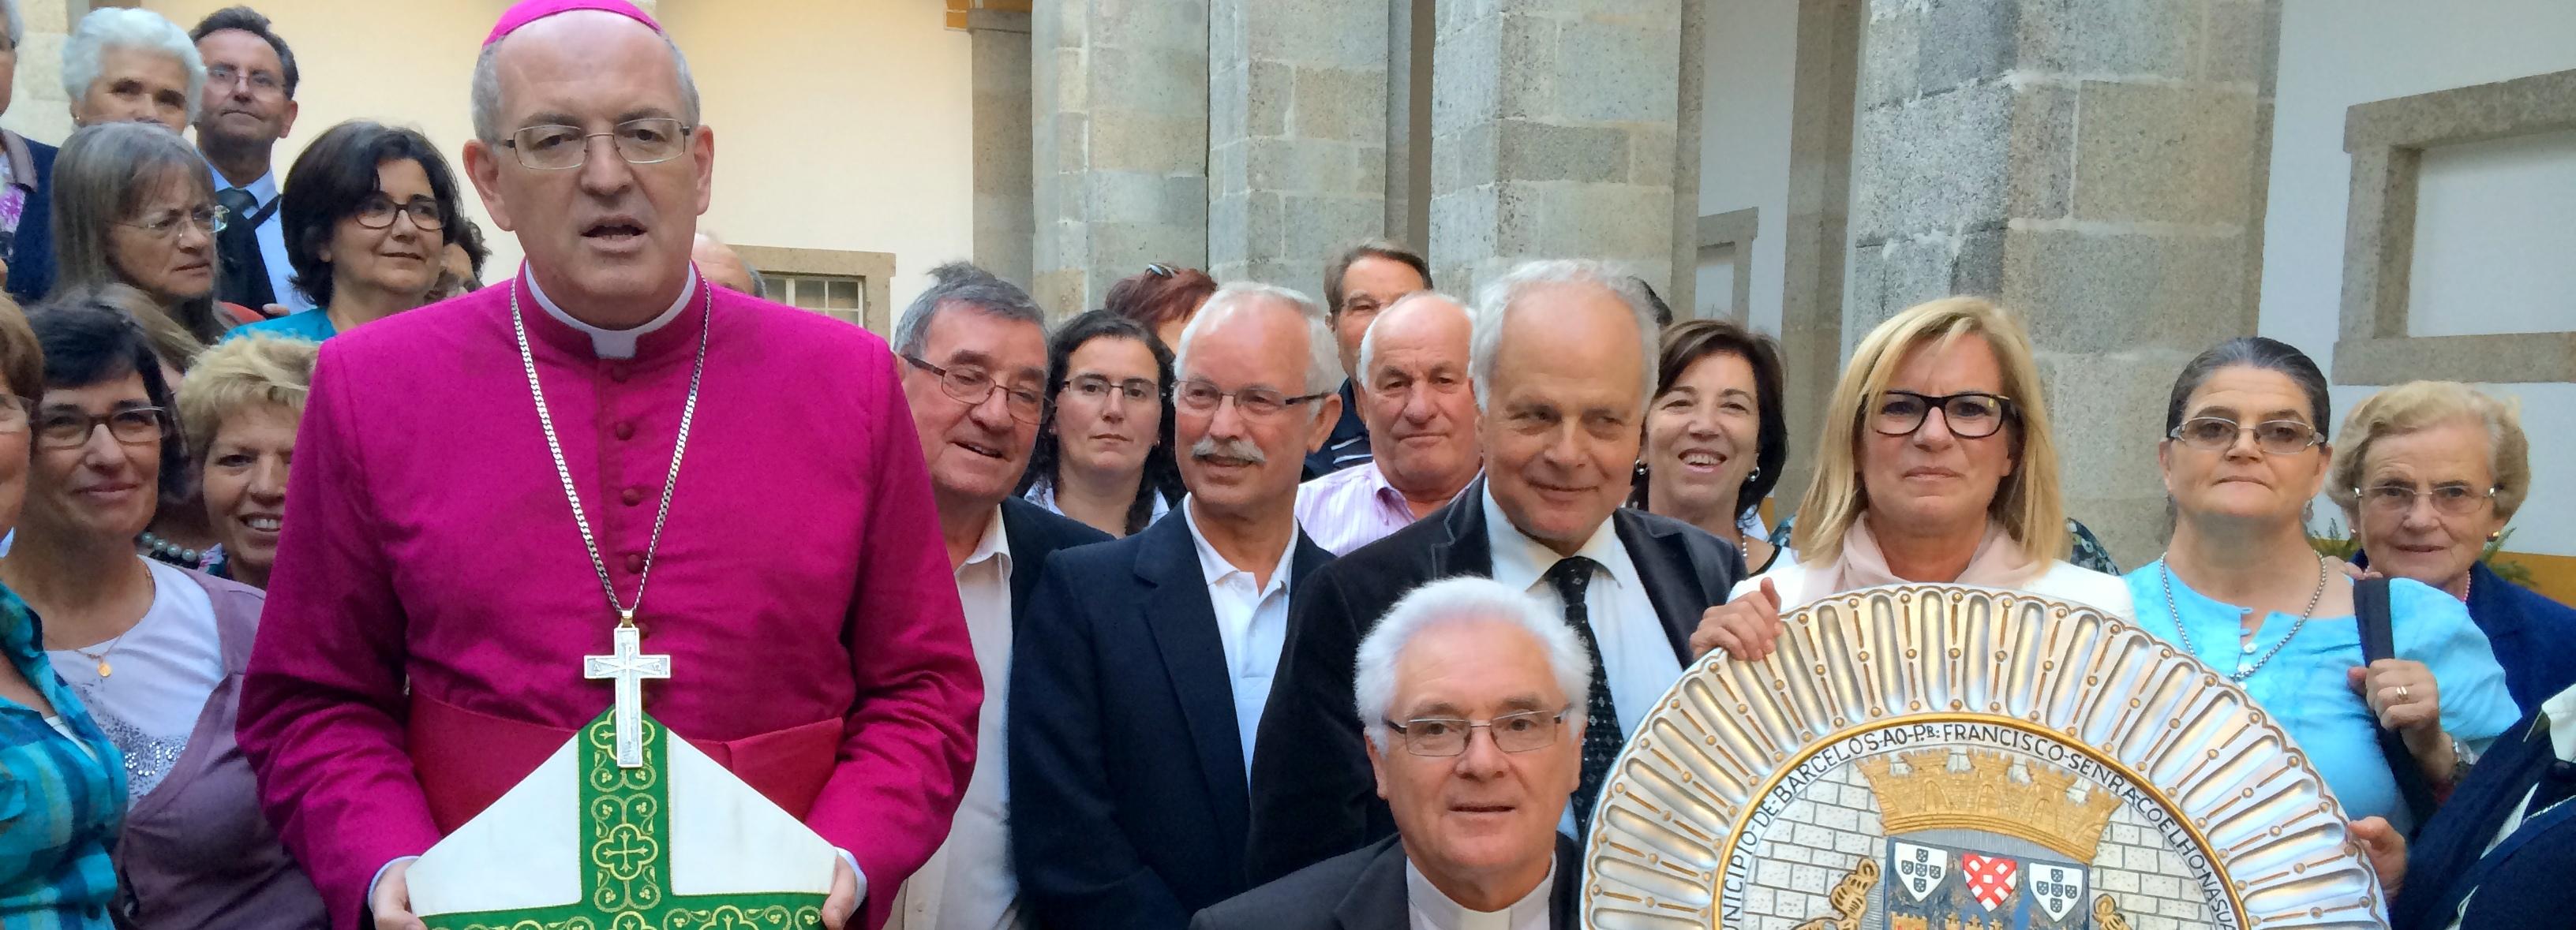 Ordenação episcopal do Pe. Francisco Coelho